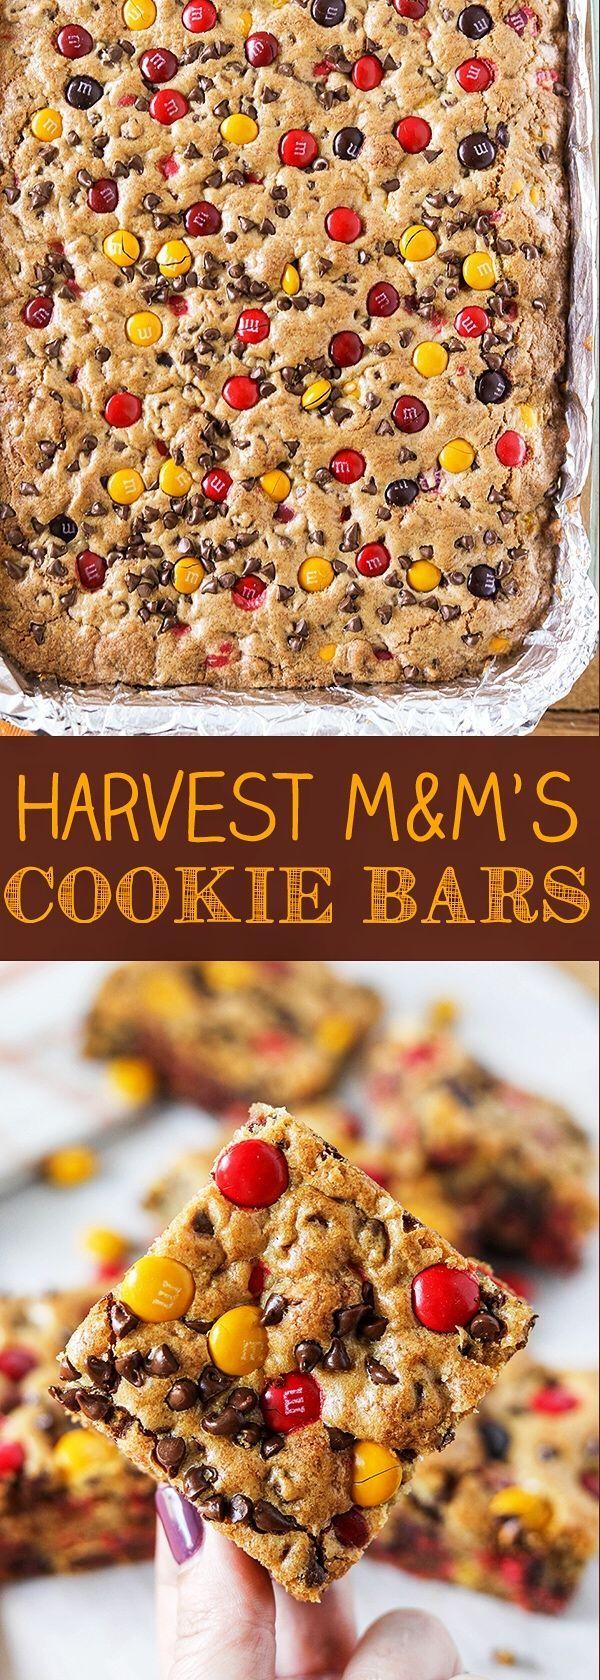 Ernten Sie M & M's Keksriegel für Halloween oder Thanksgiving